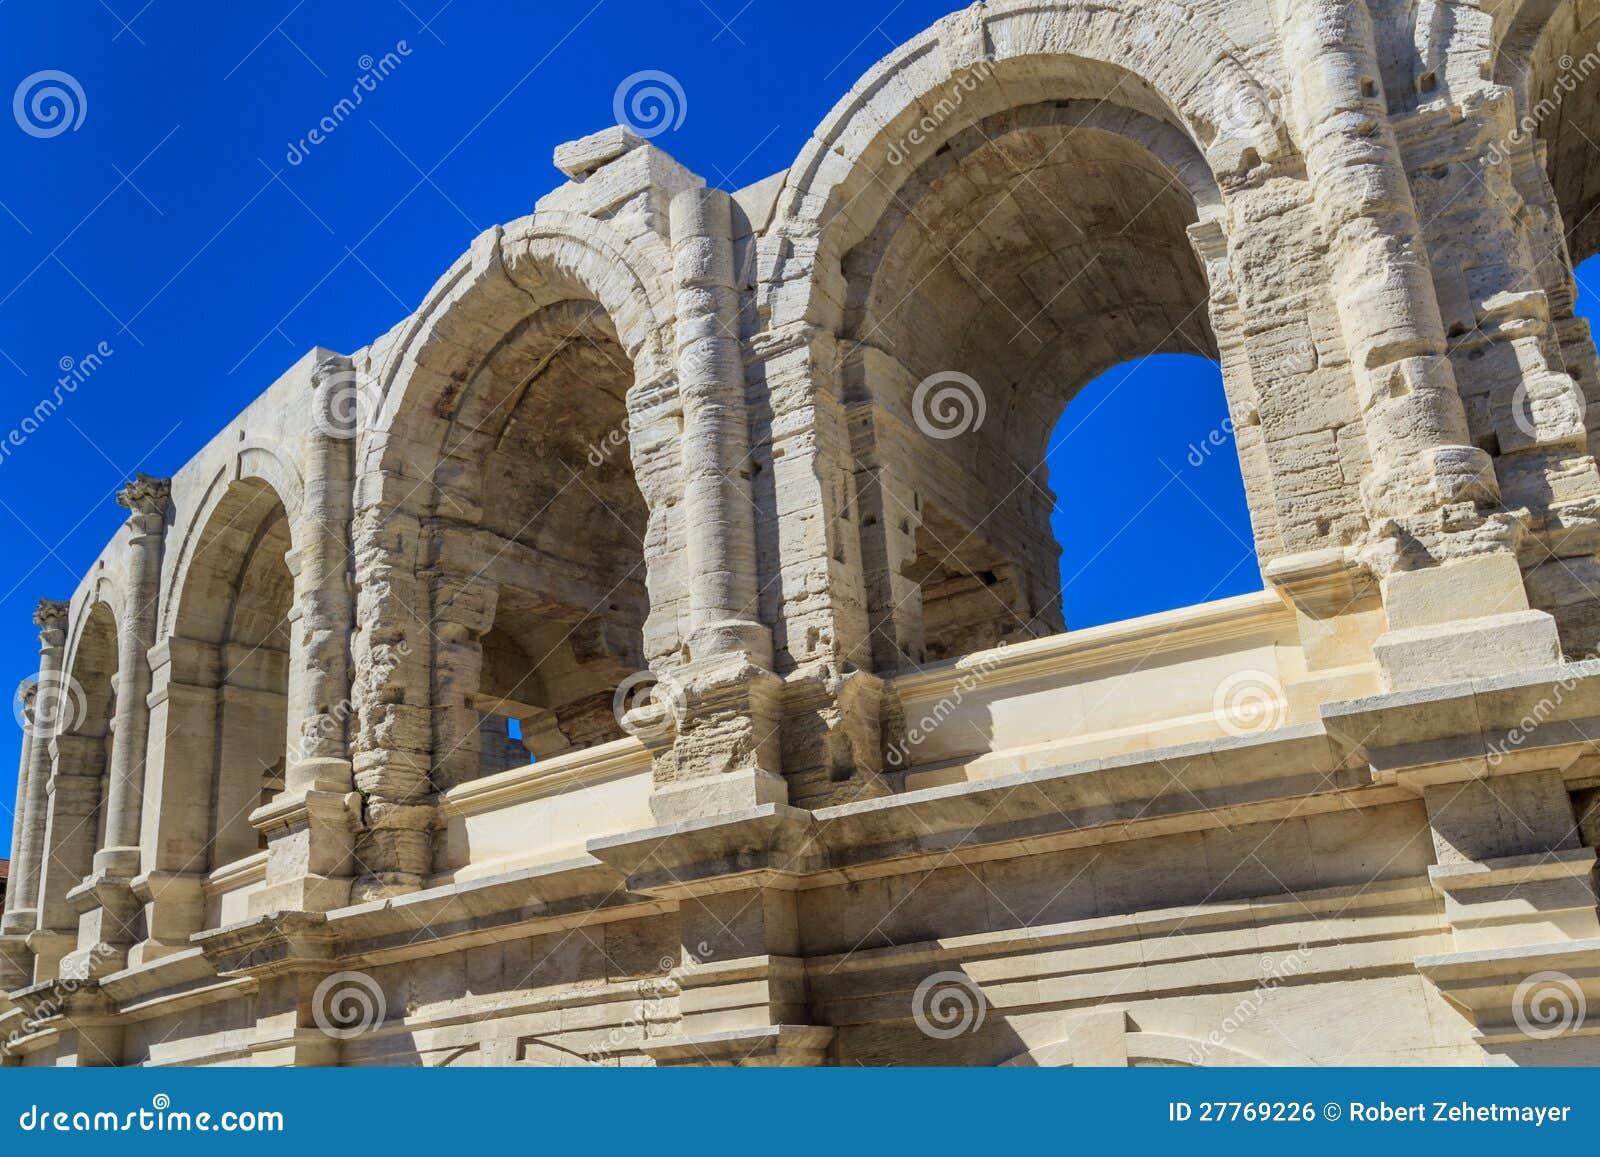 Arène/amphithéâtre romains dans Arles